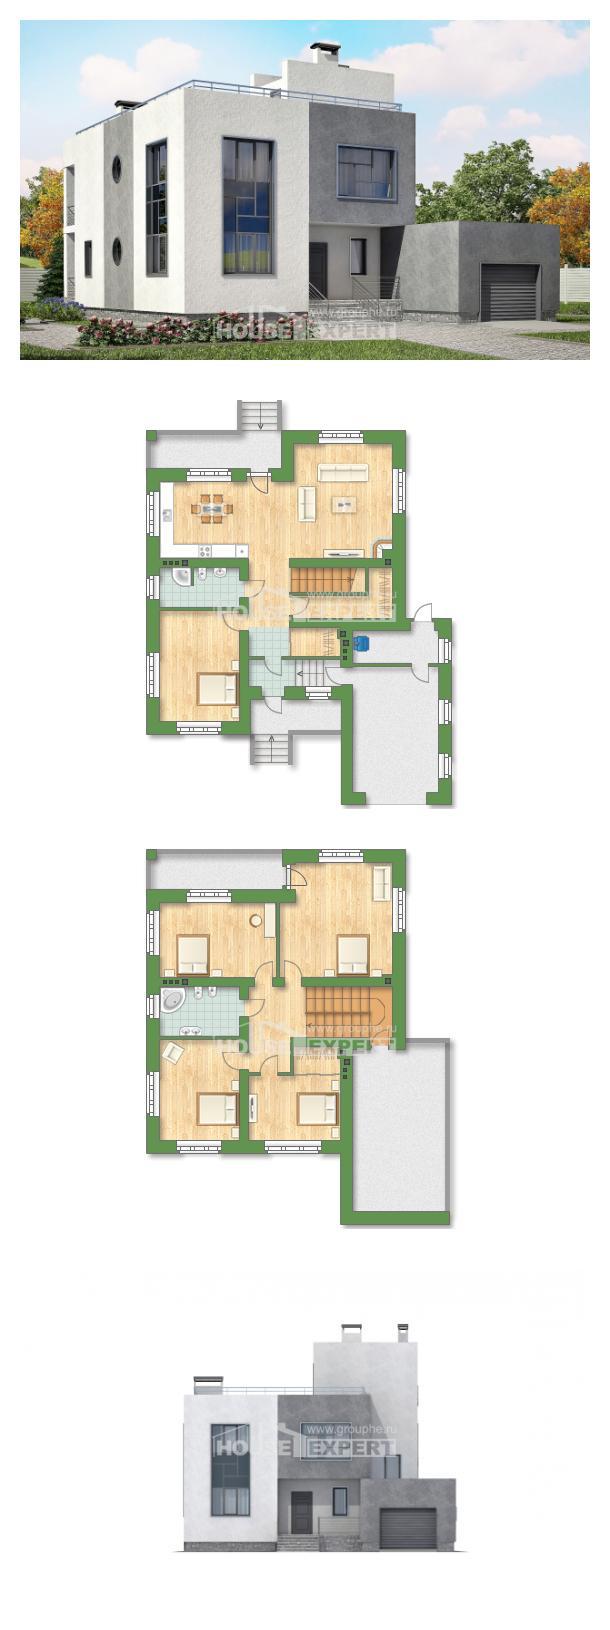 房子的设计 255-001-R | House Expert